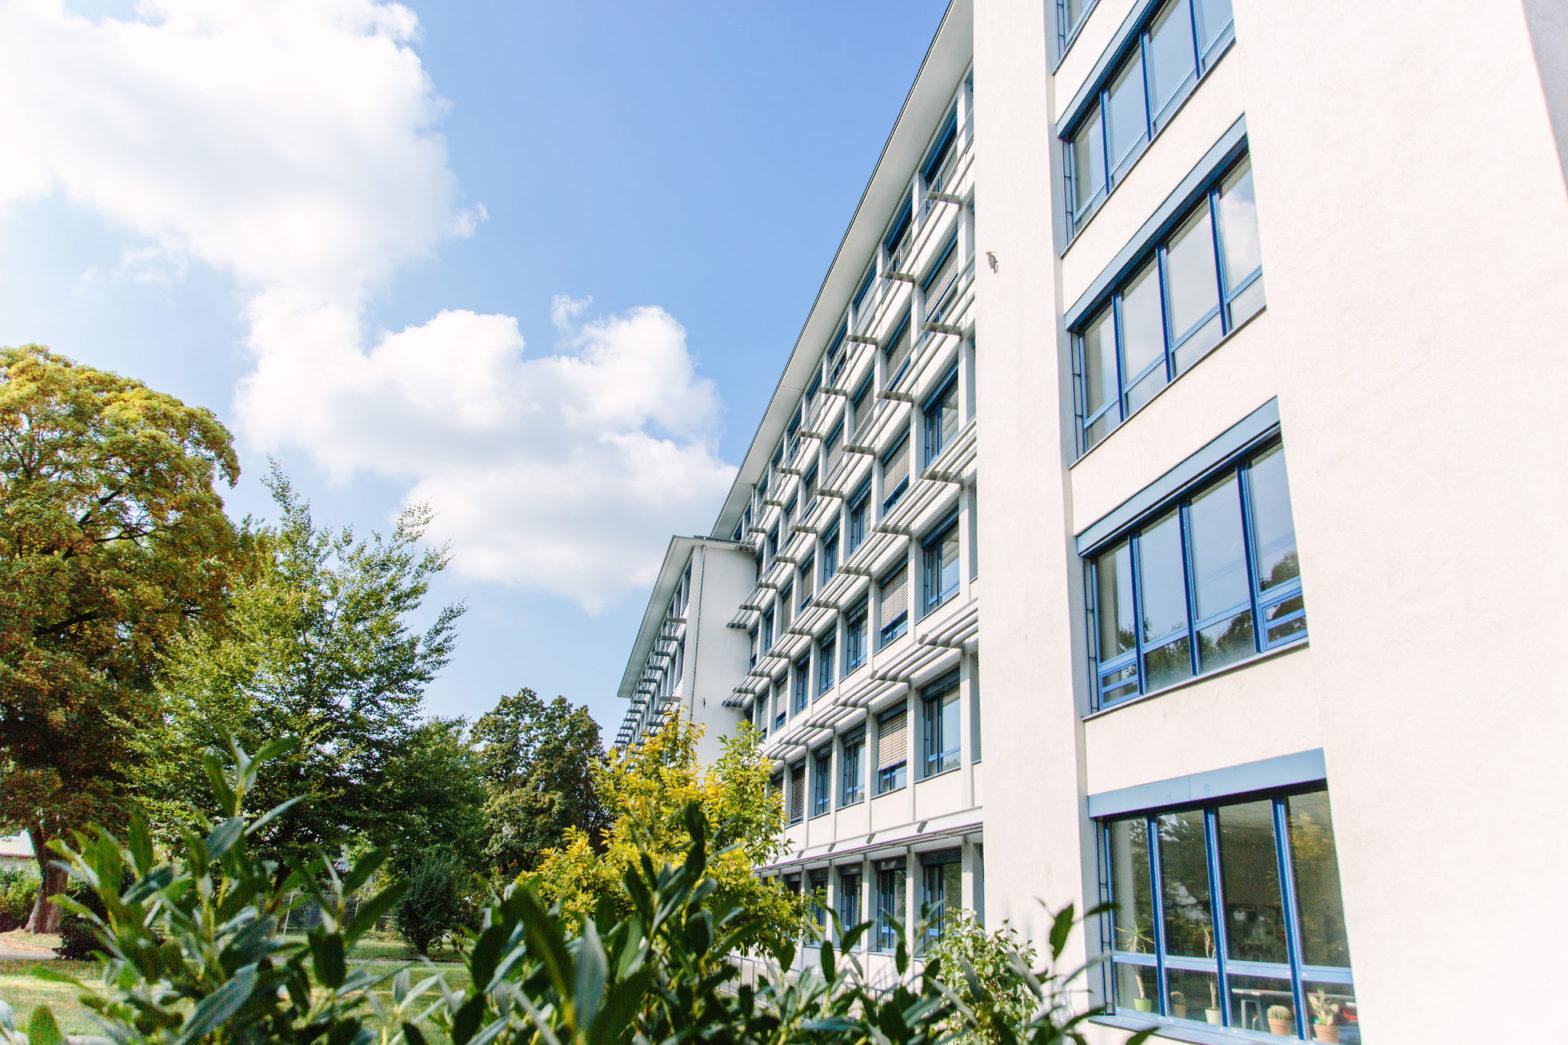 Engelbergerstraße, Institut für Psychologie